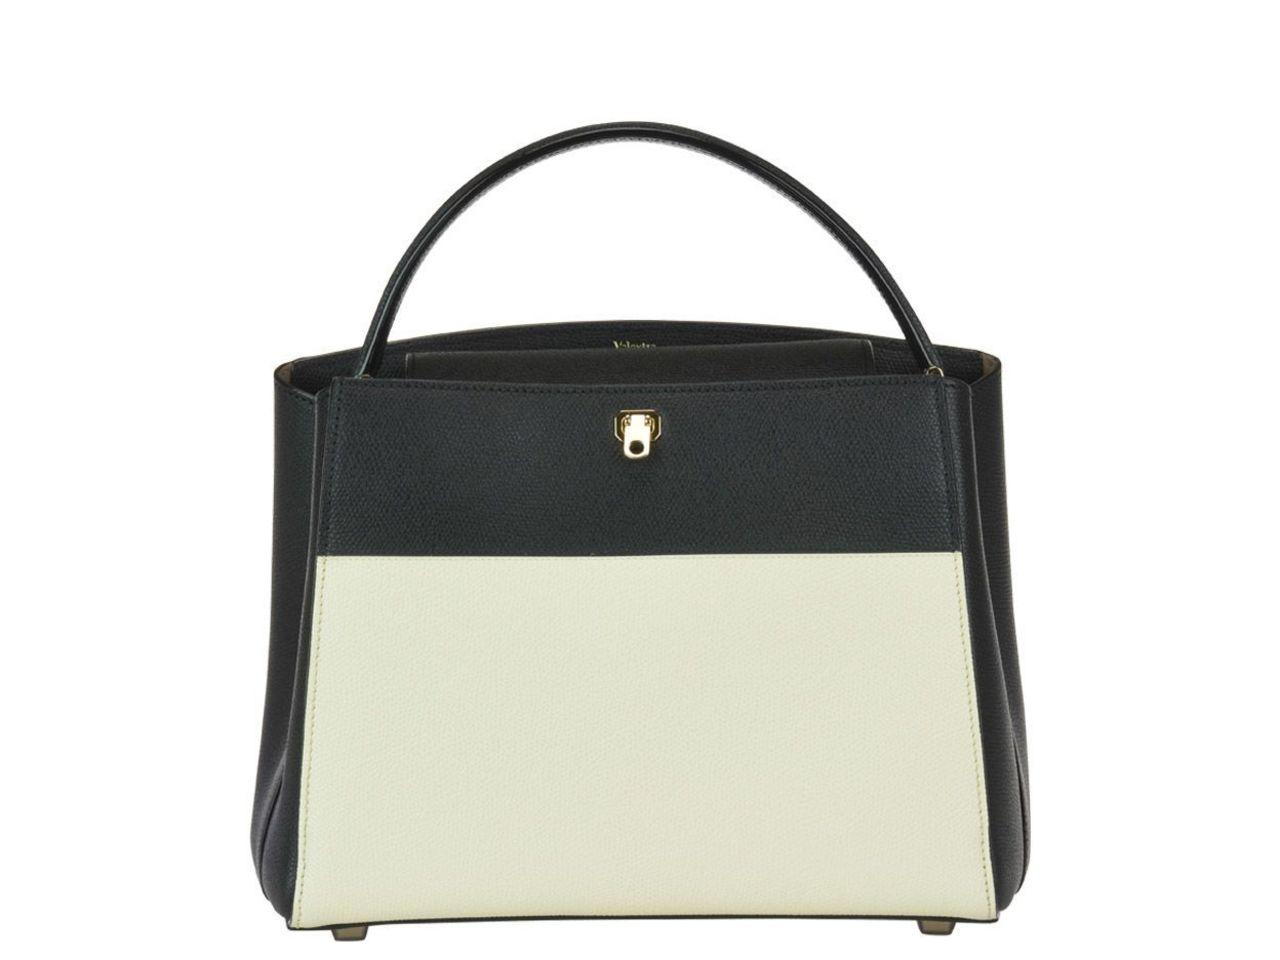 Valextra Medium Brera Bag